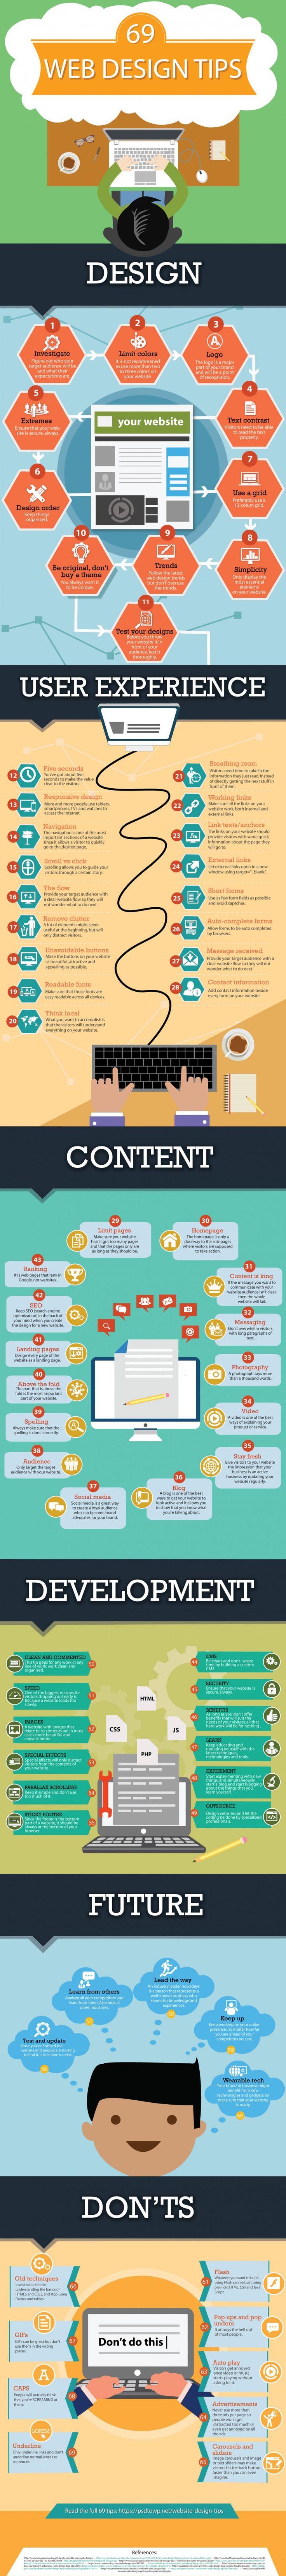 69 Tipps zur Gestaltung einer Webseite [Infografik] #Usability #Marketing #SEO